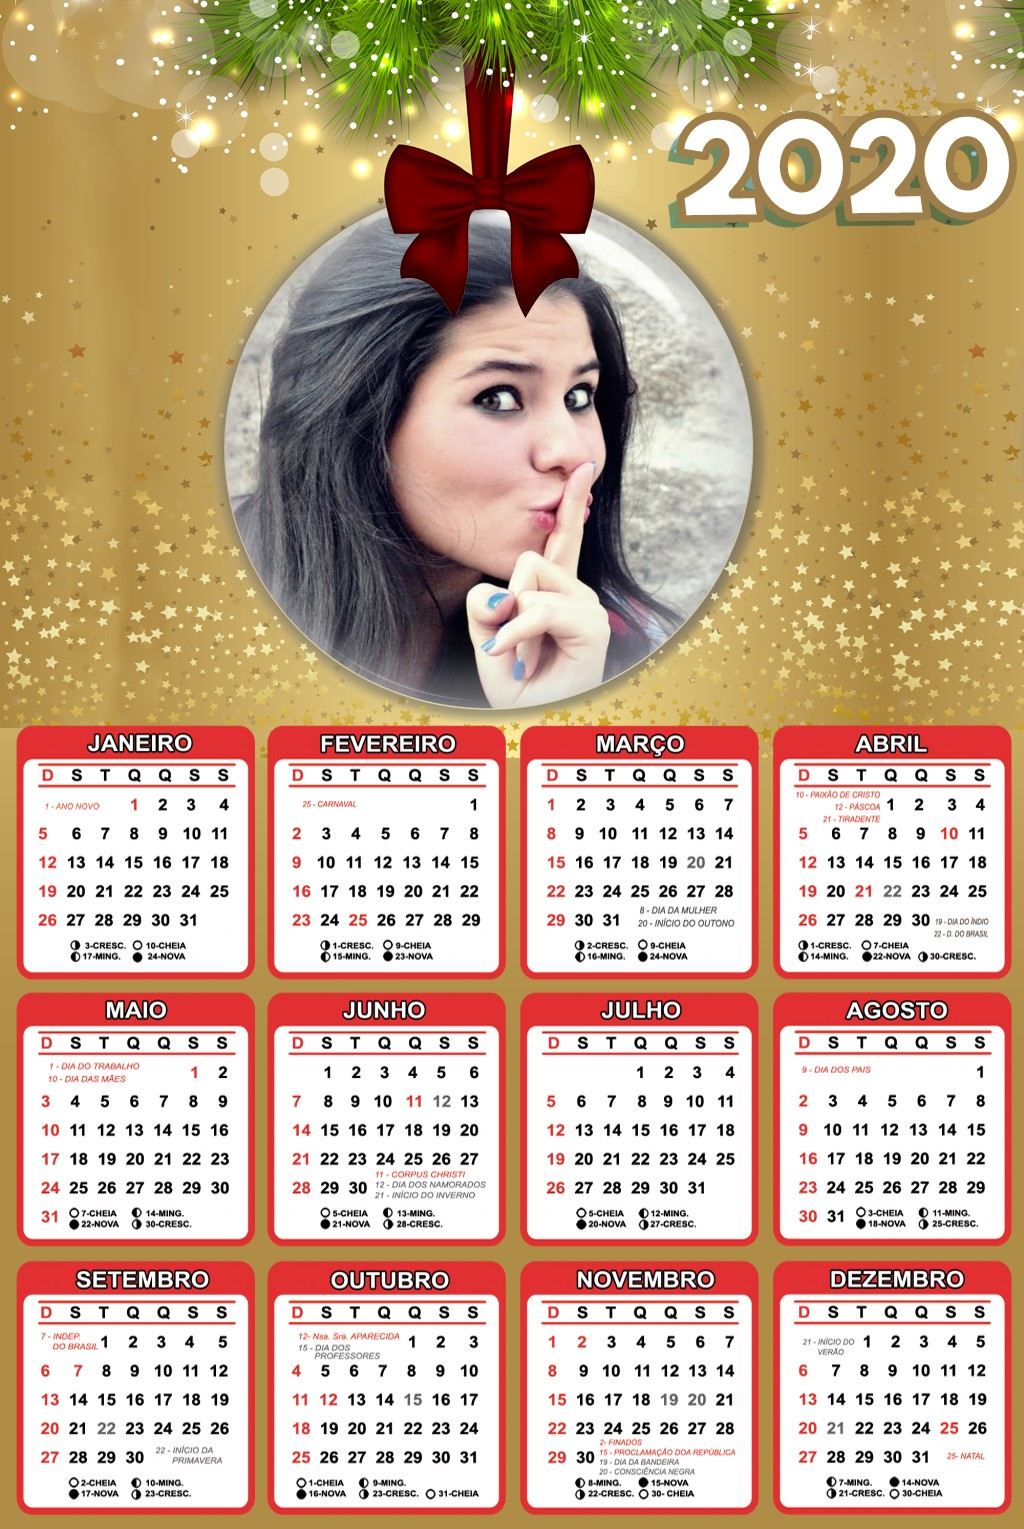 fotomontagem-calendario-2020-em-bola-enfeite-de-natal-dourado